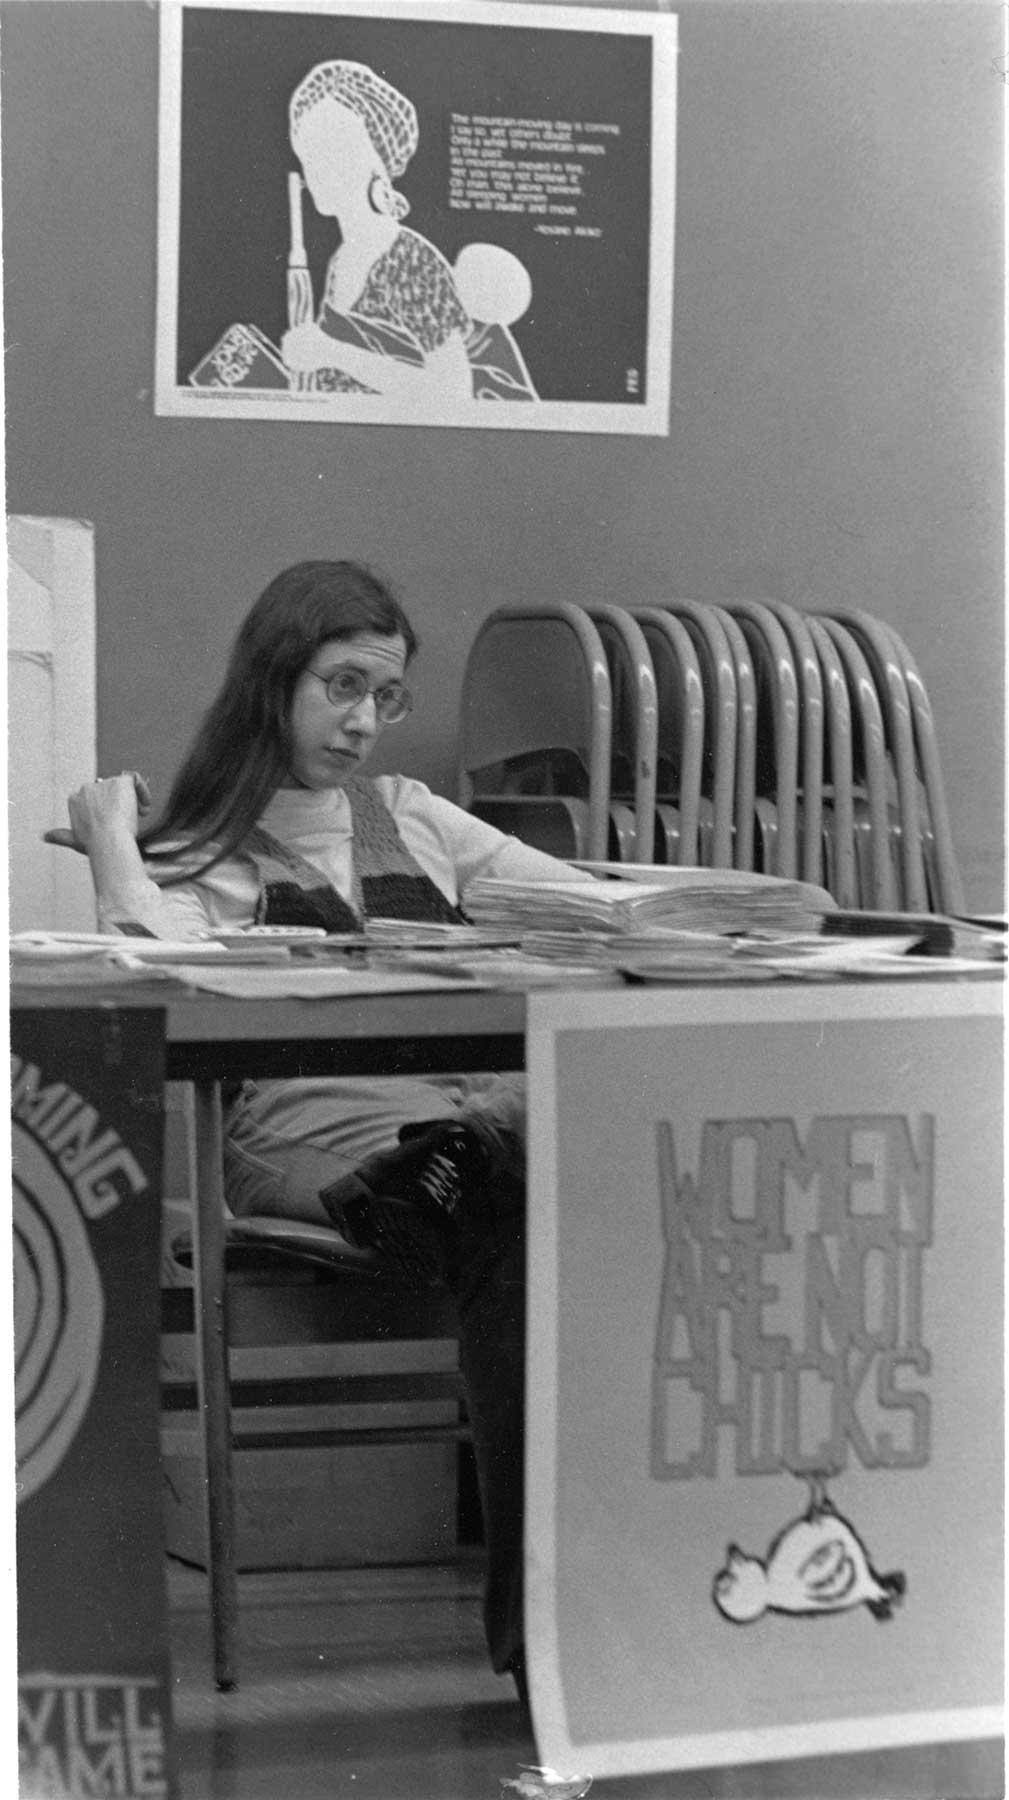 Sarah at Liberation School